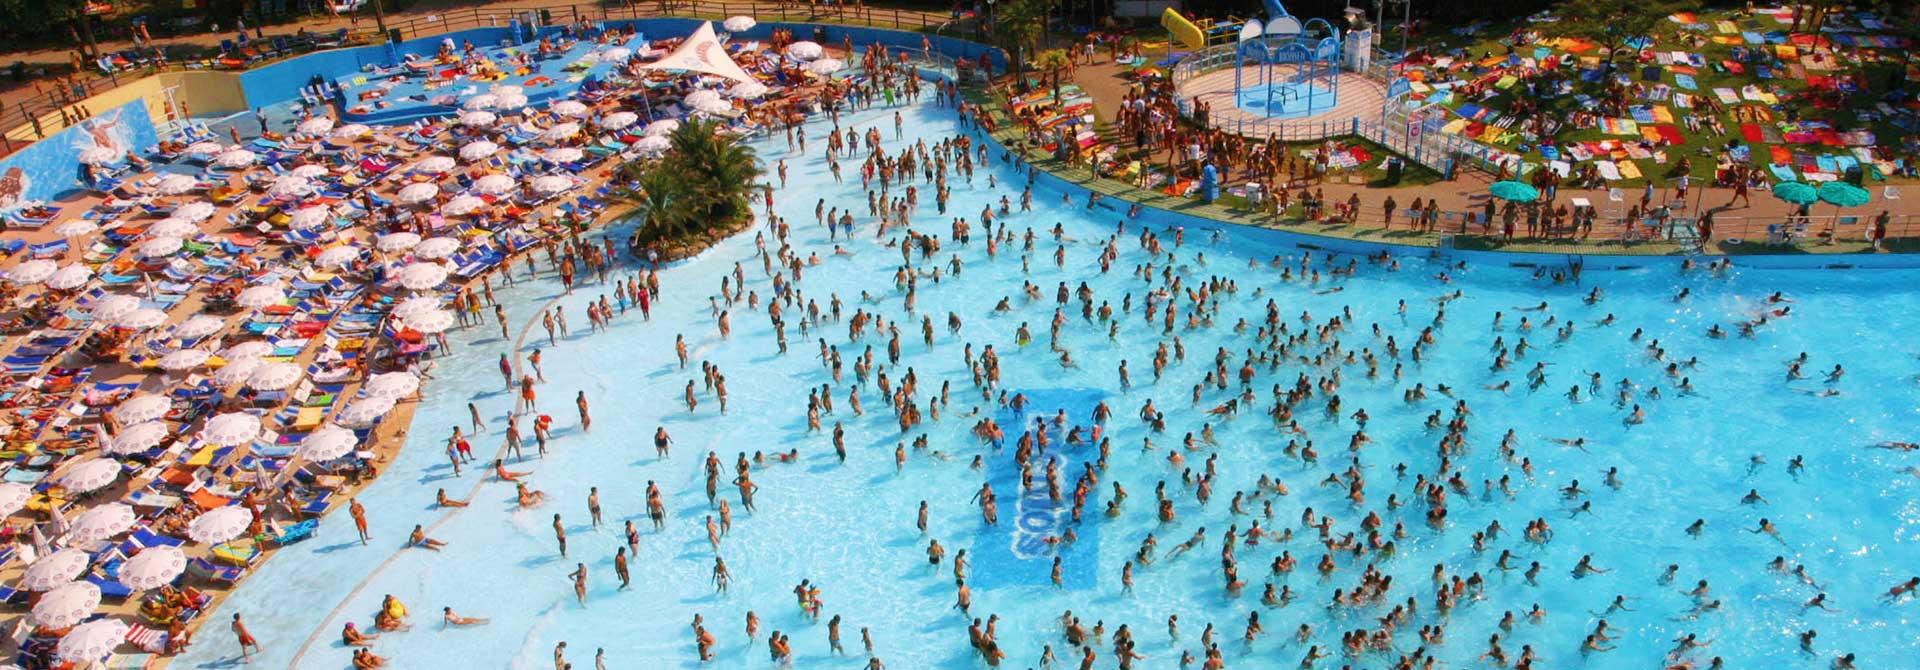 Opinione parco acquatico aquafan riccione gli opinionisti for Piscina riccione